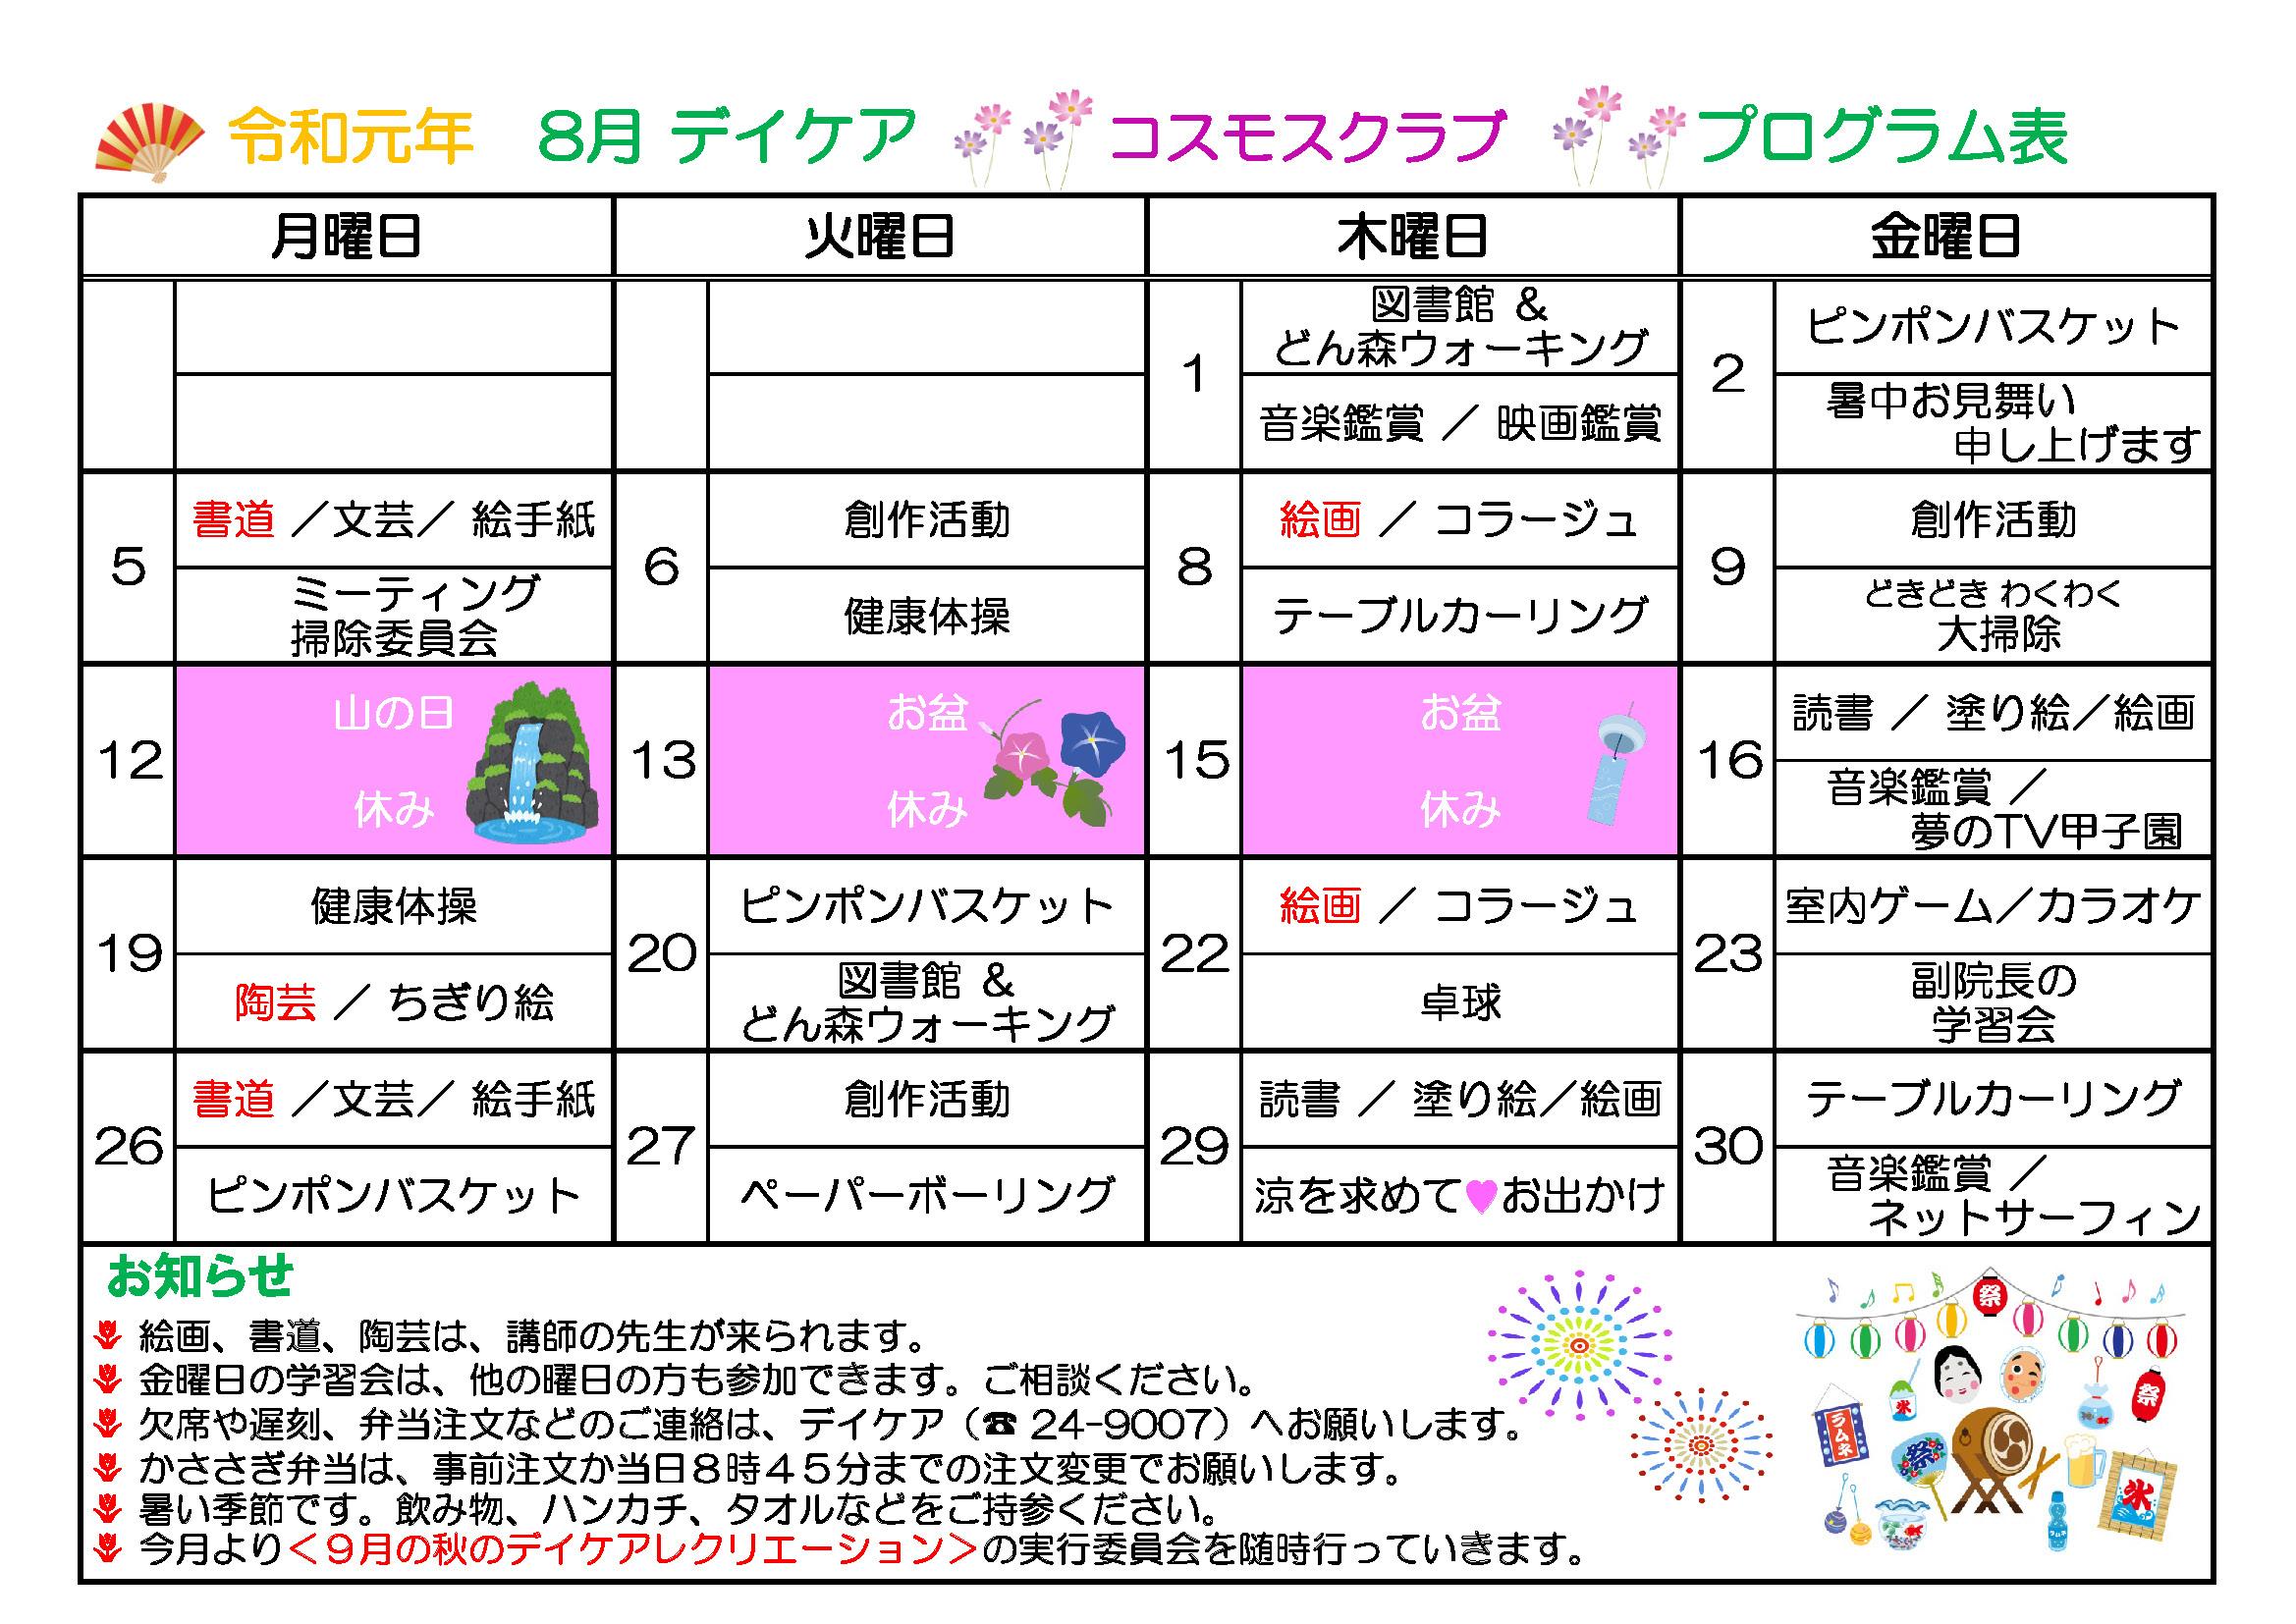 2019年8月プログラム表